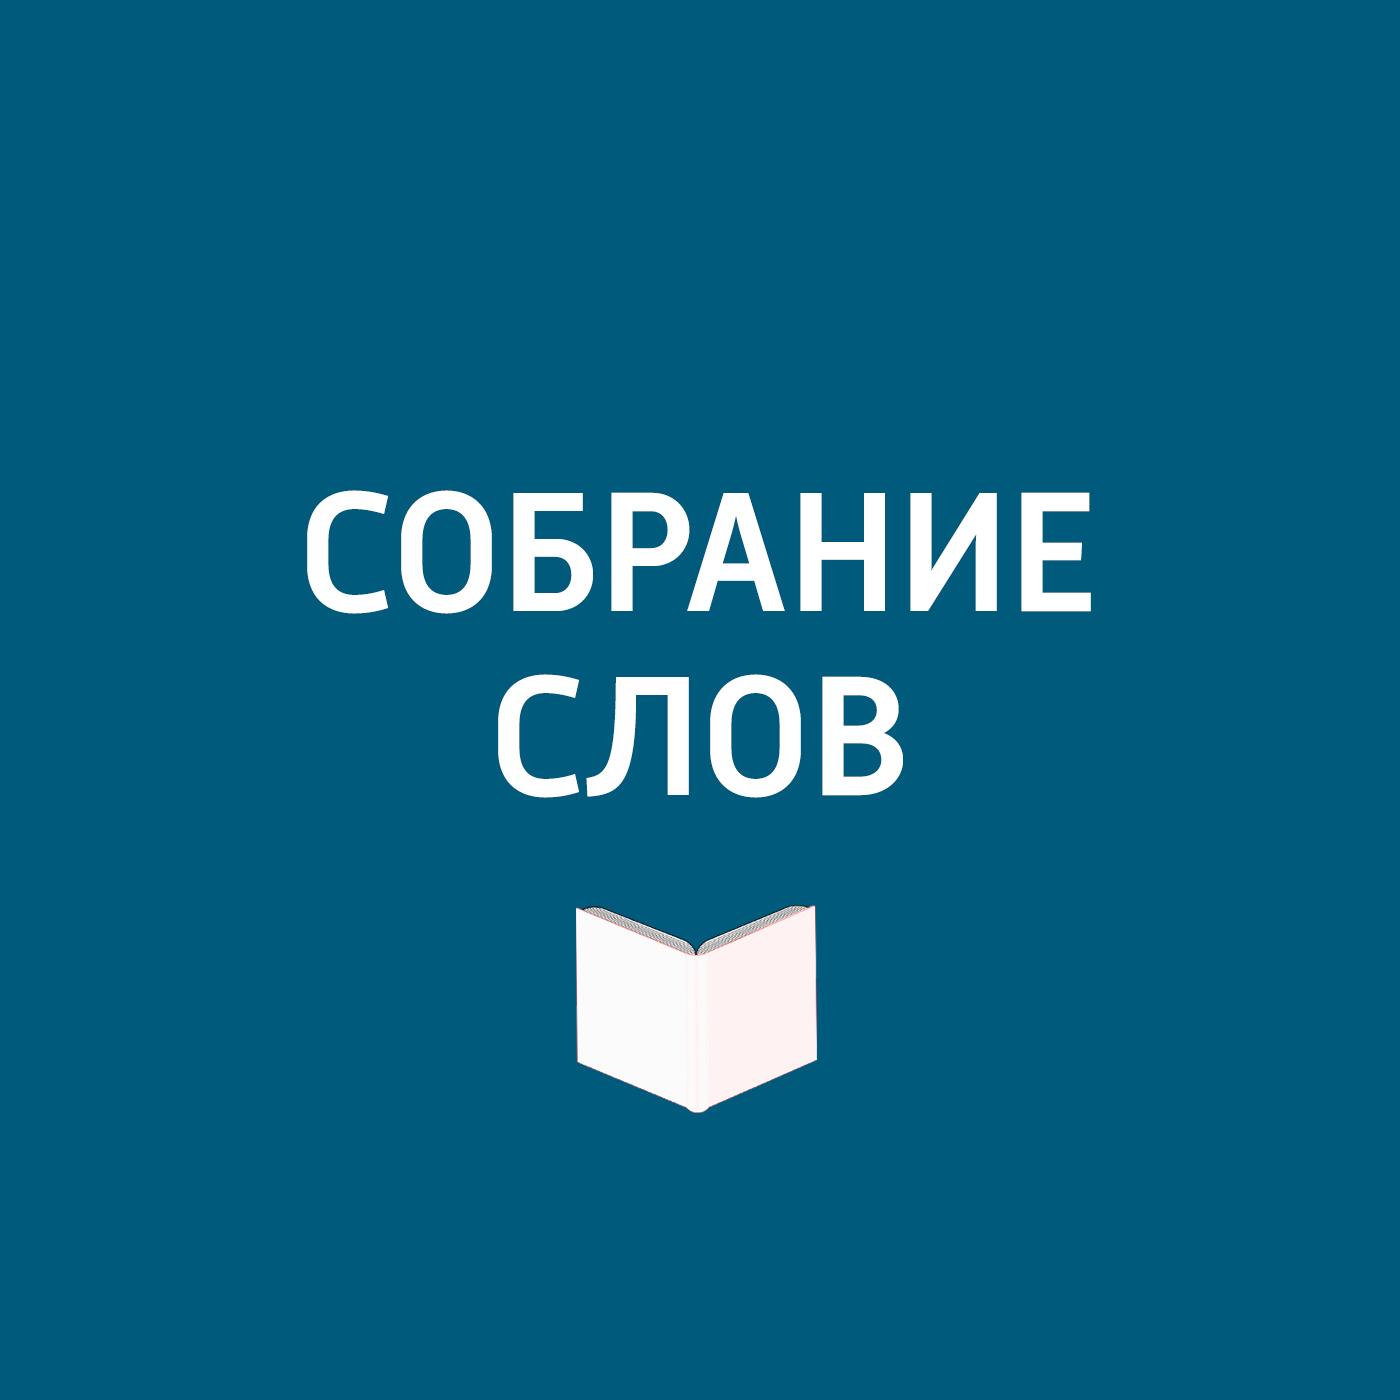 Творческий коллектив программы «Собрание слов» Большое интервью Алексея Иванова алексей иванов тобол много званых